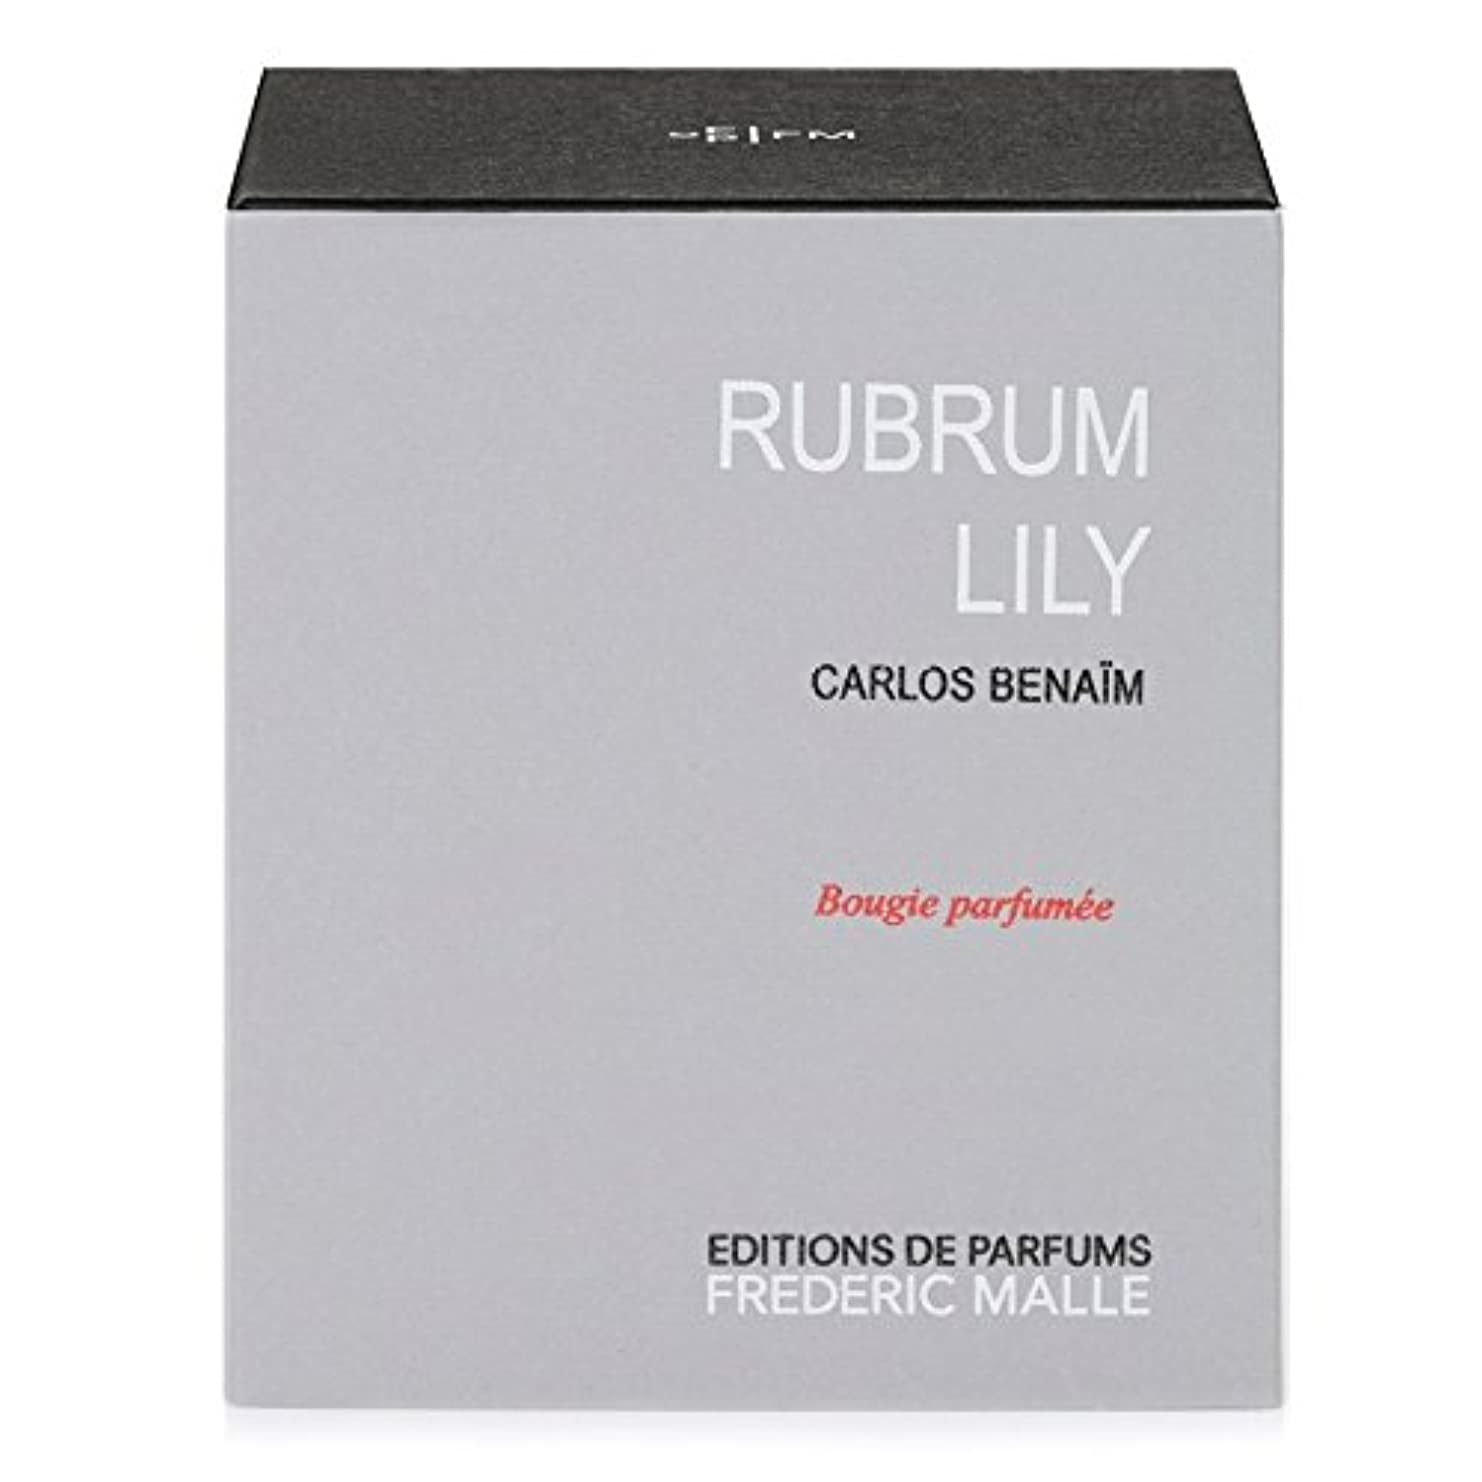 空気人生を作るナイロンフレデリック?マルルブルムユリの香りのキャンドル x6 - Frederic Malle Rubrum Lily Scented Candle (Pack of 6) [並行輸入品]